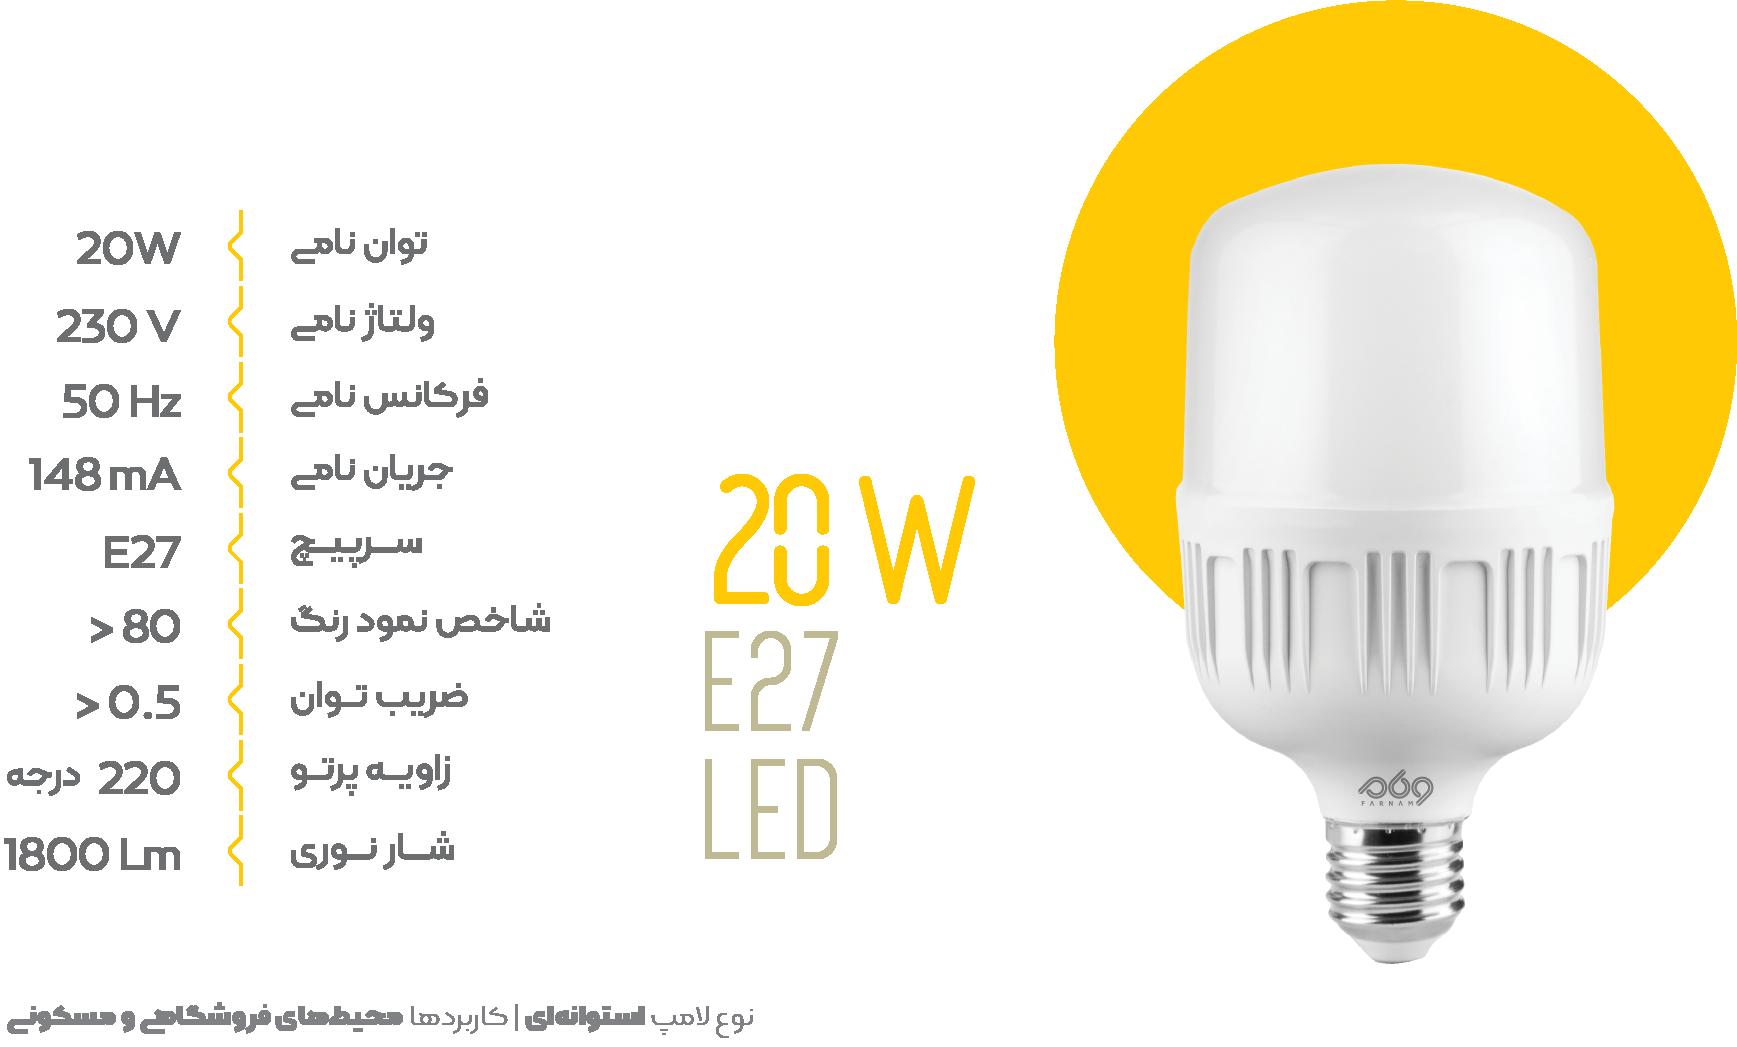 لامپ 20 وات استوانه ای فرنام